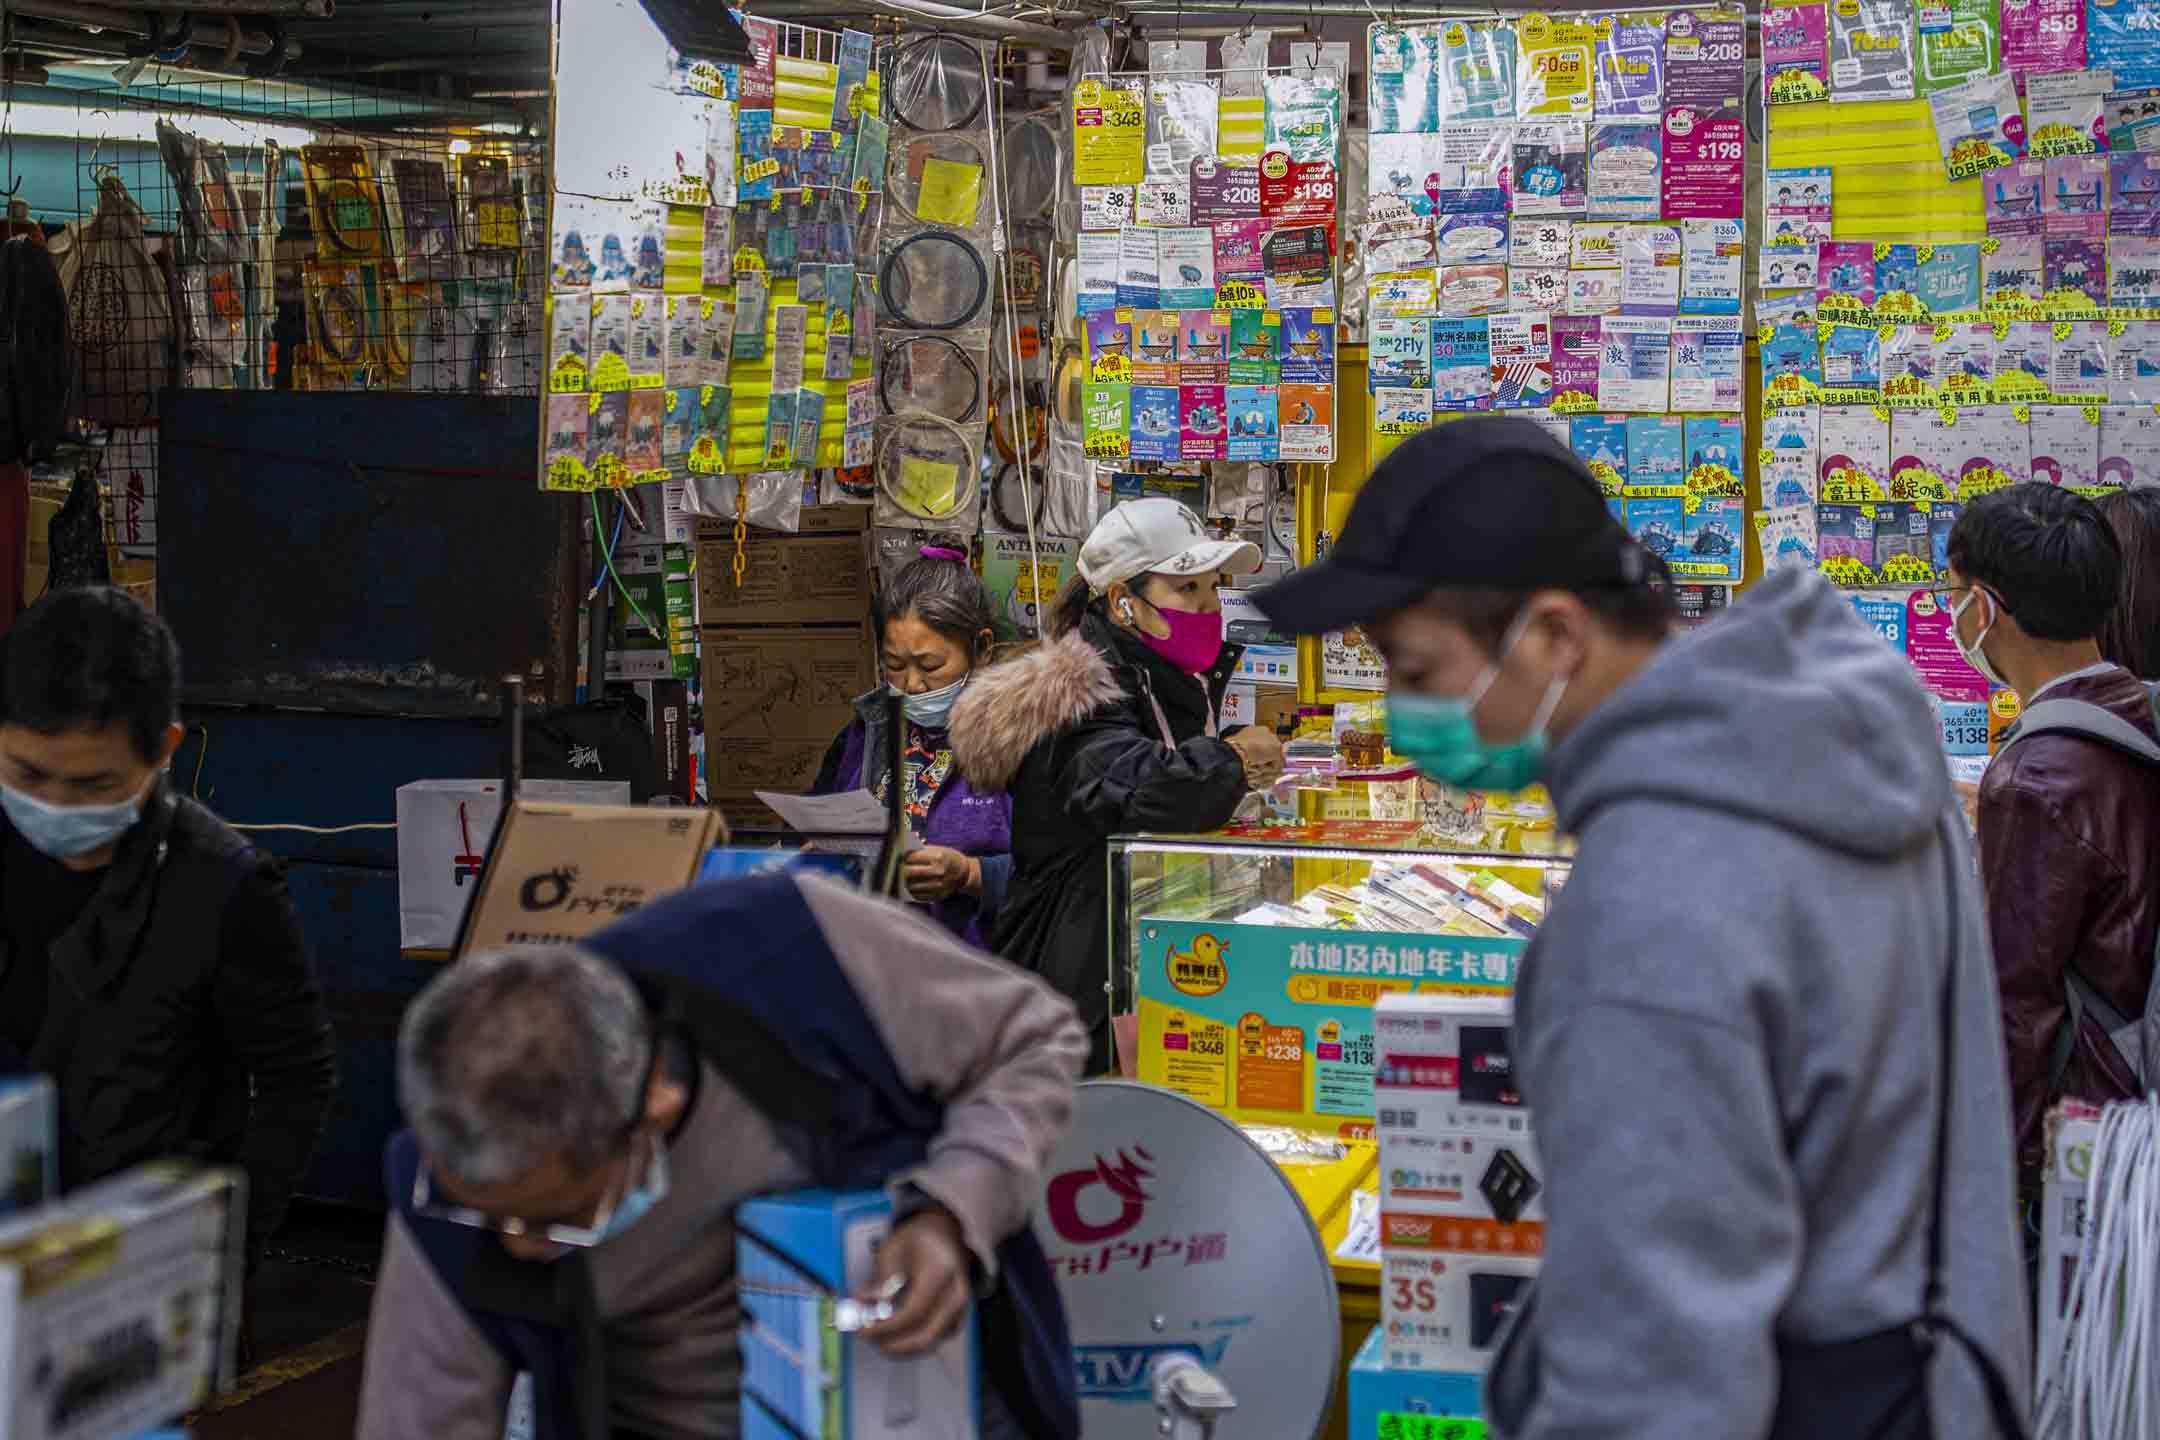 2021年2月1日深水埗,一間出售電話卡的排檔。